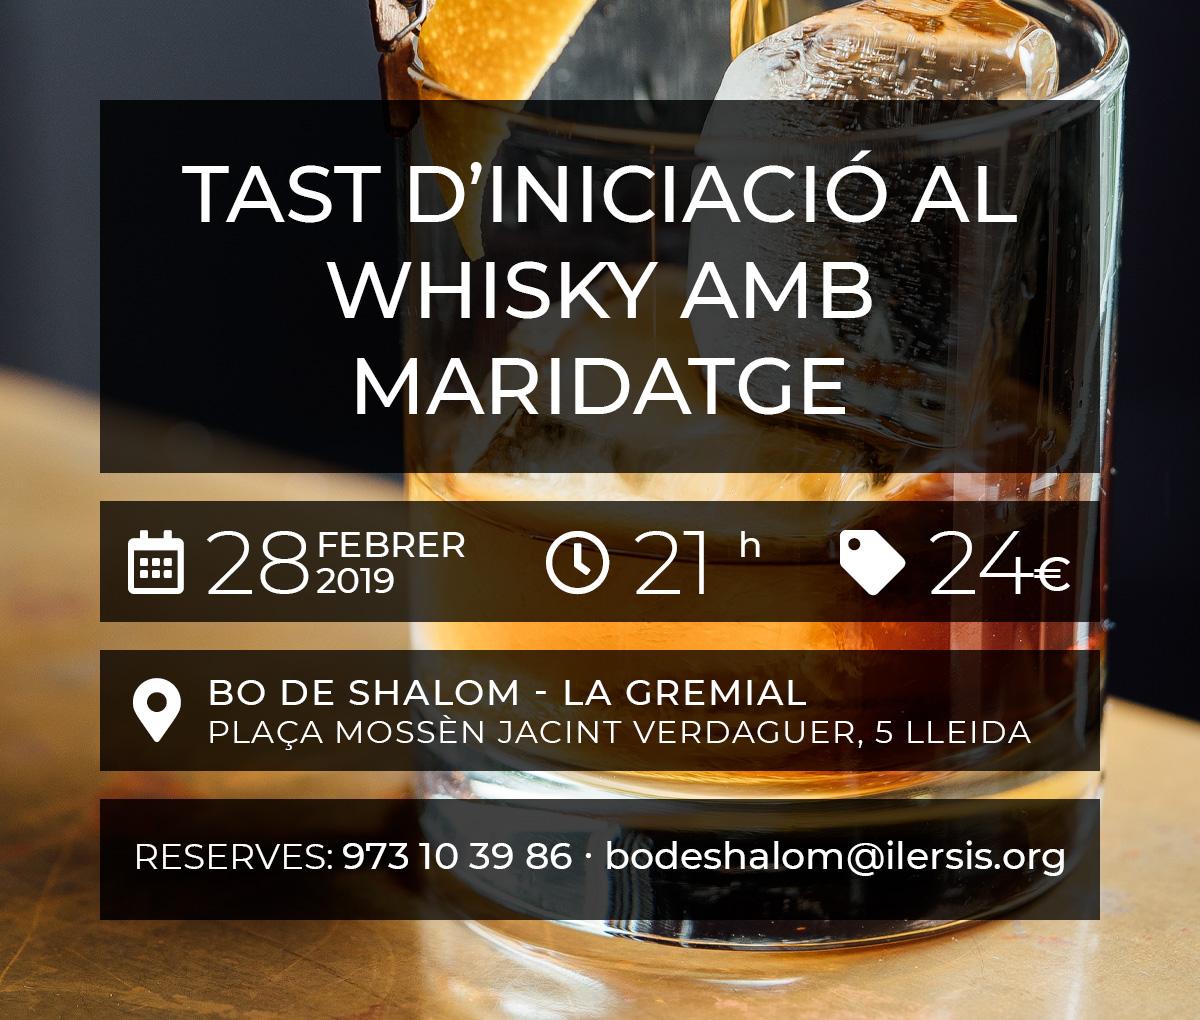 Tast d'iniciació al whisky amb maridatge